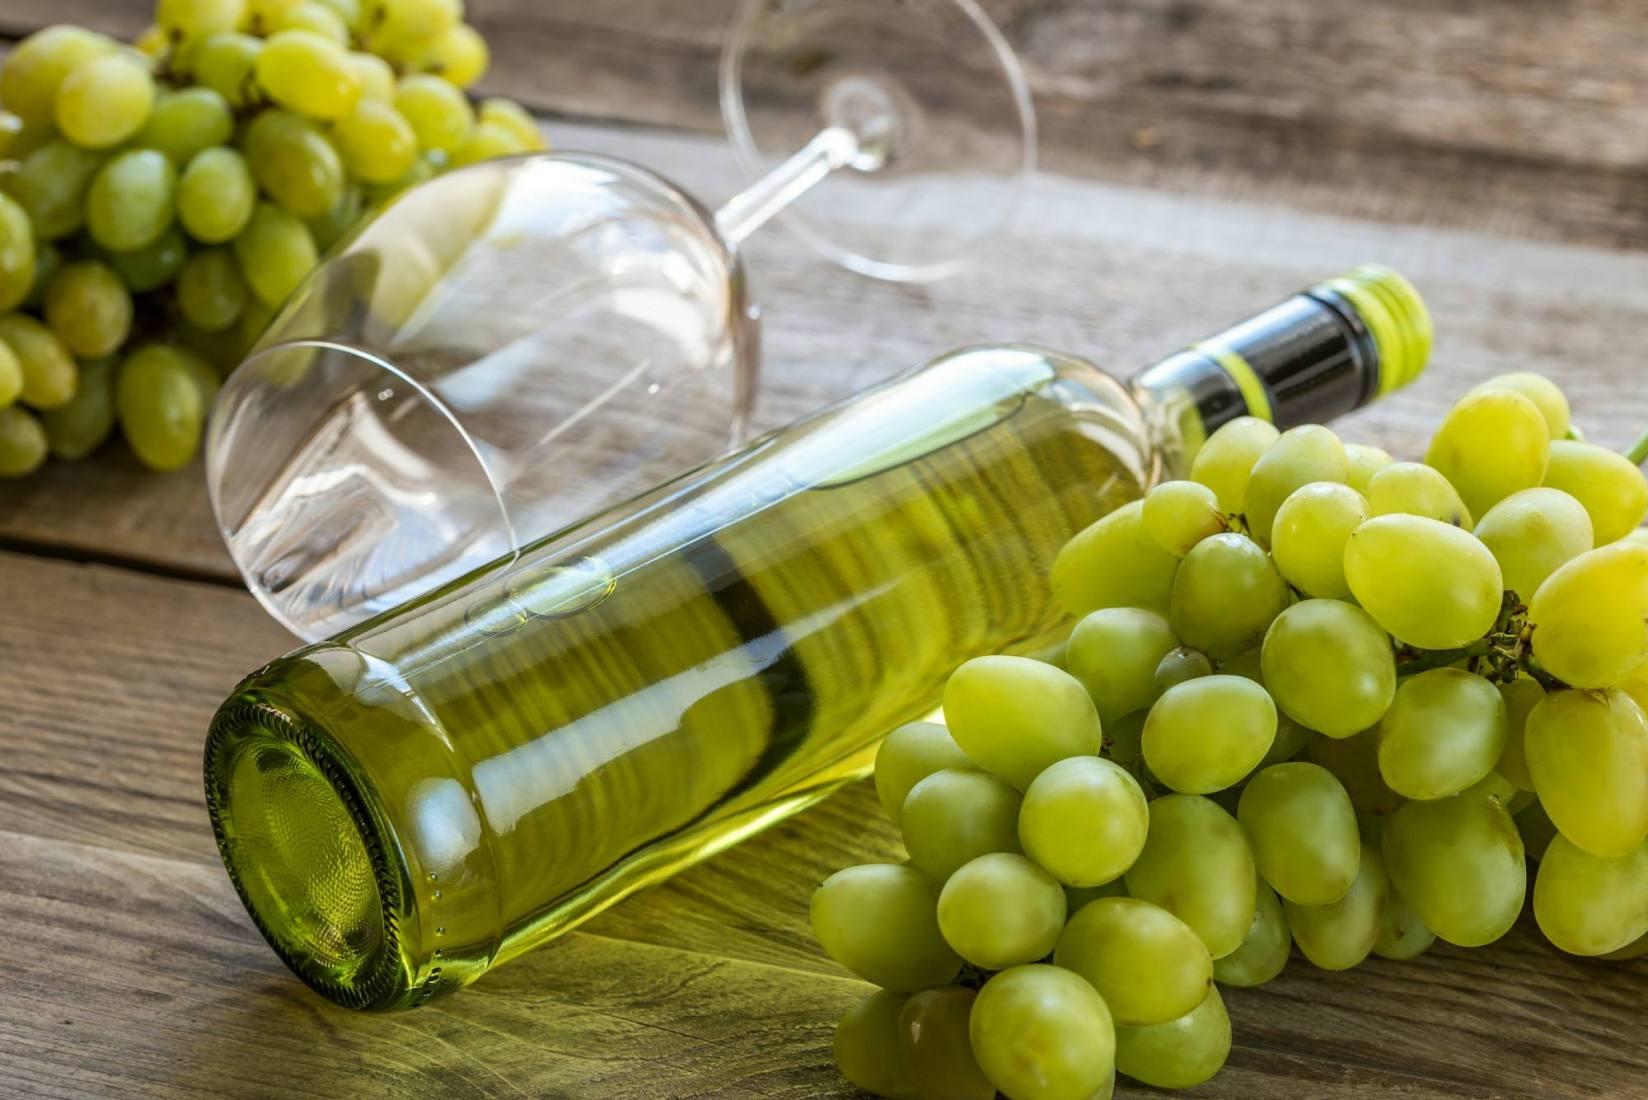 jak zrobić wino z winogrona